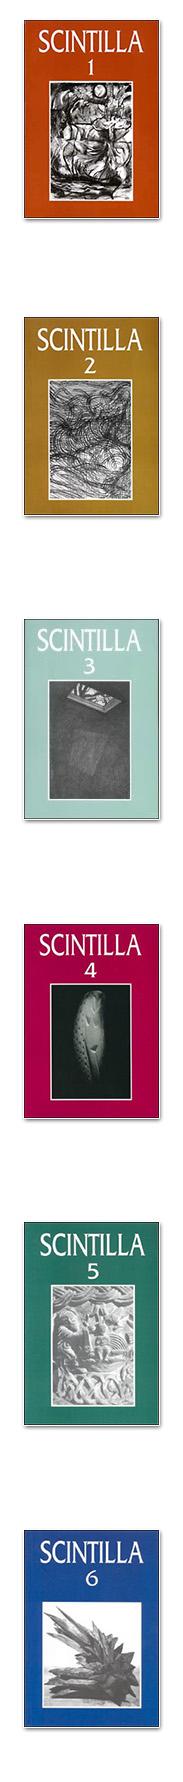 scintillabar